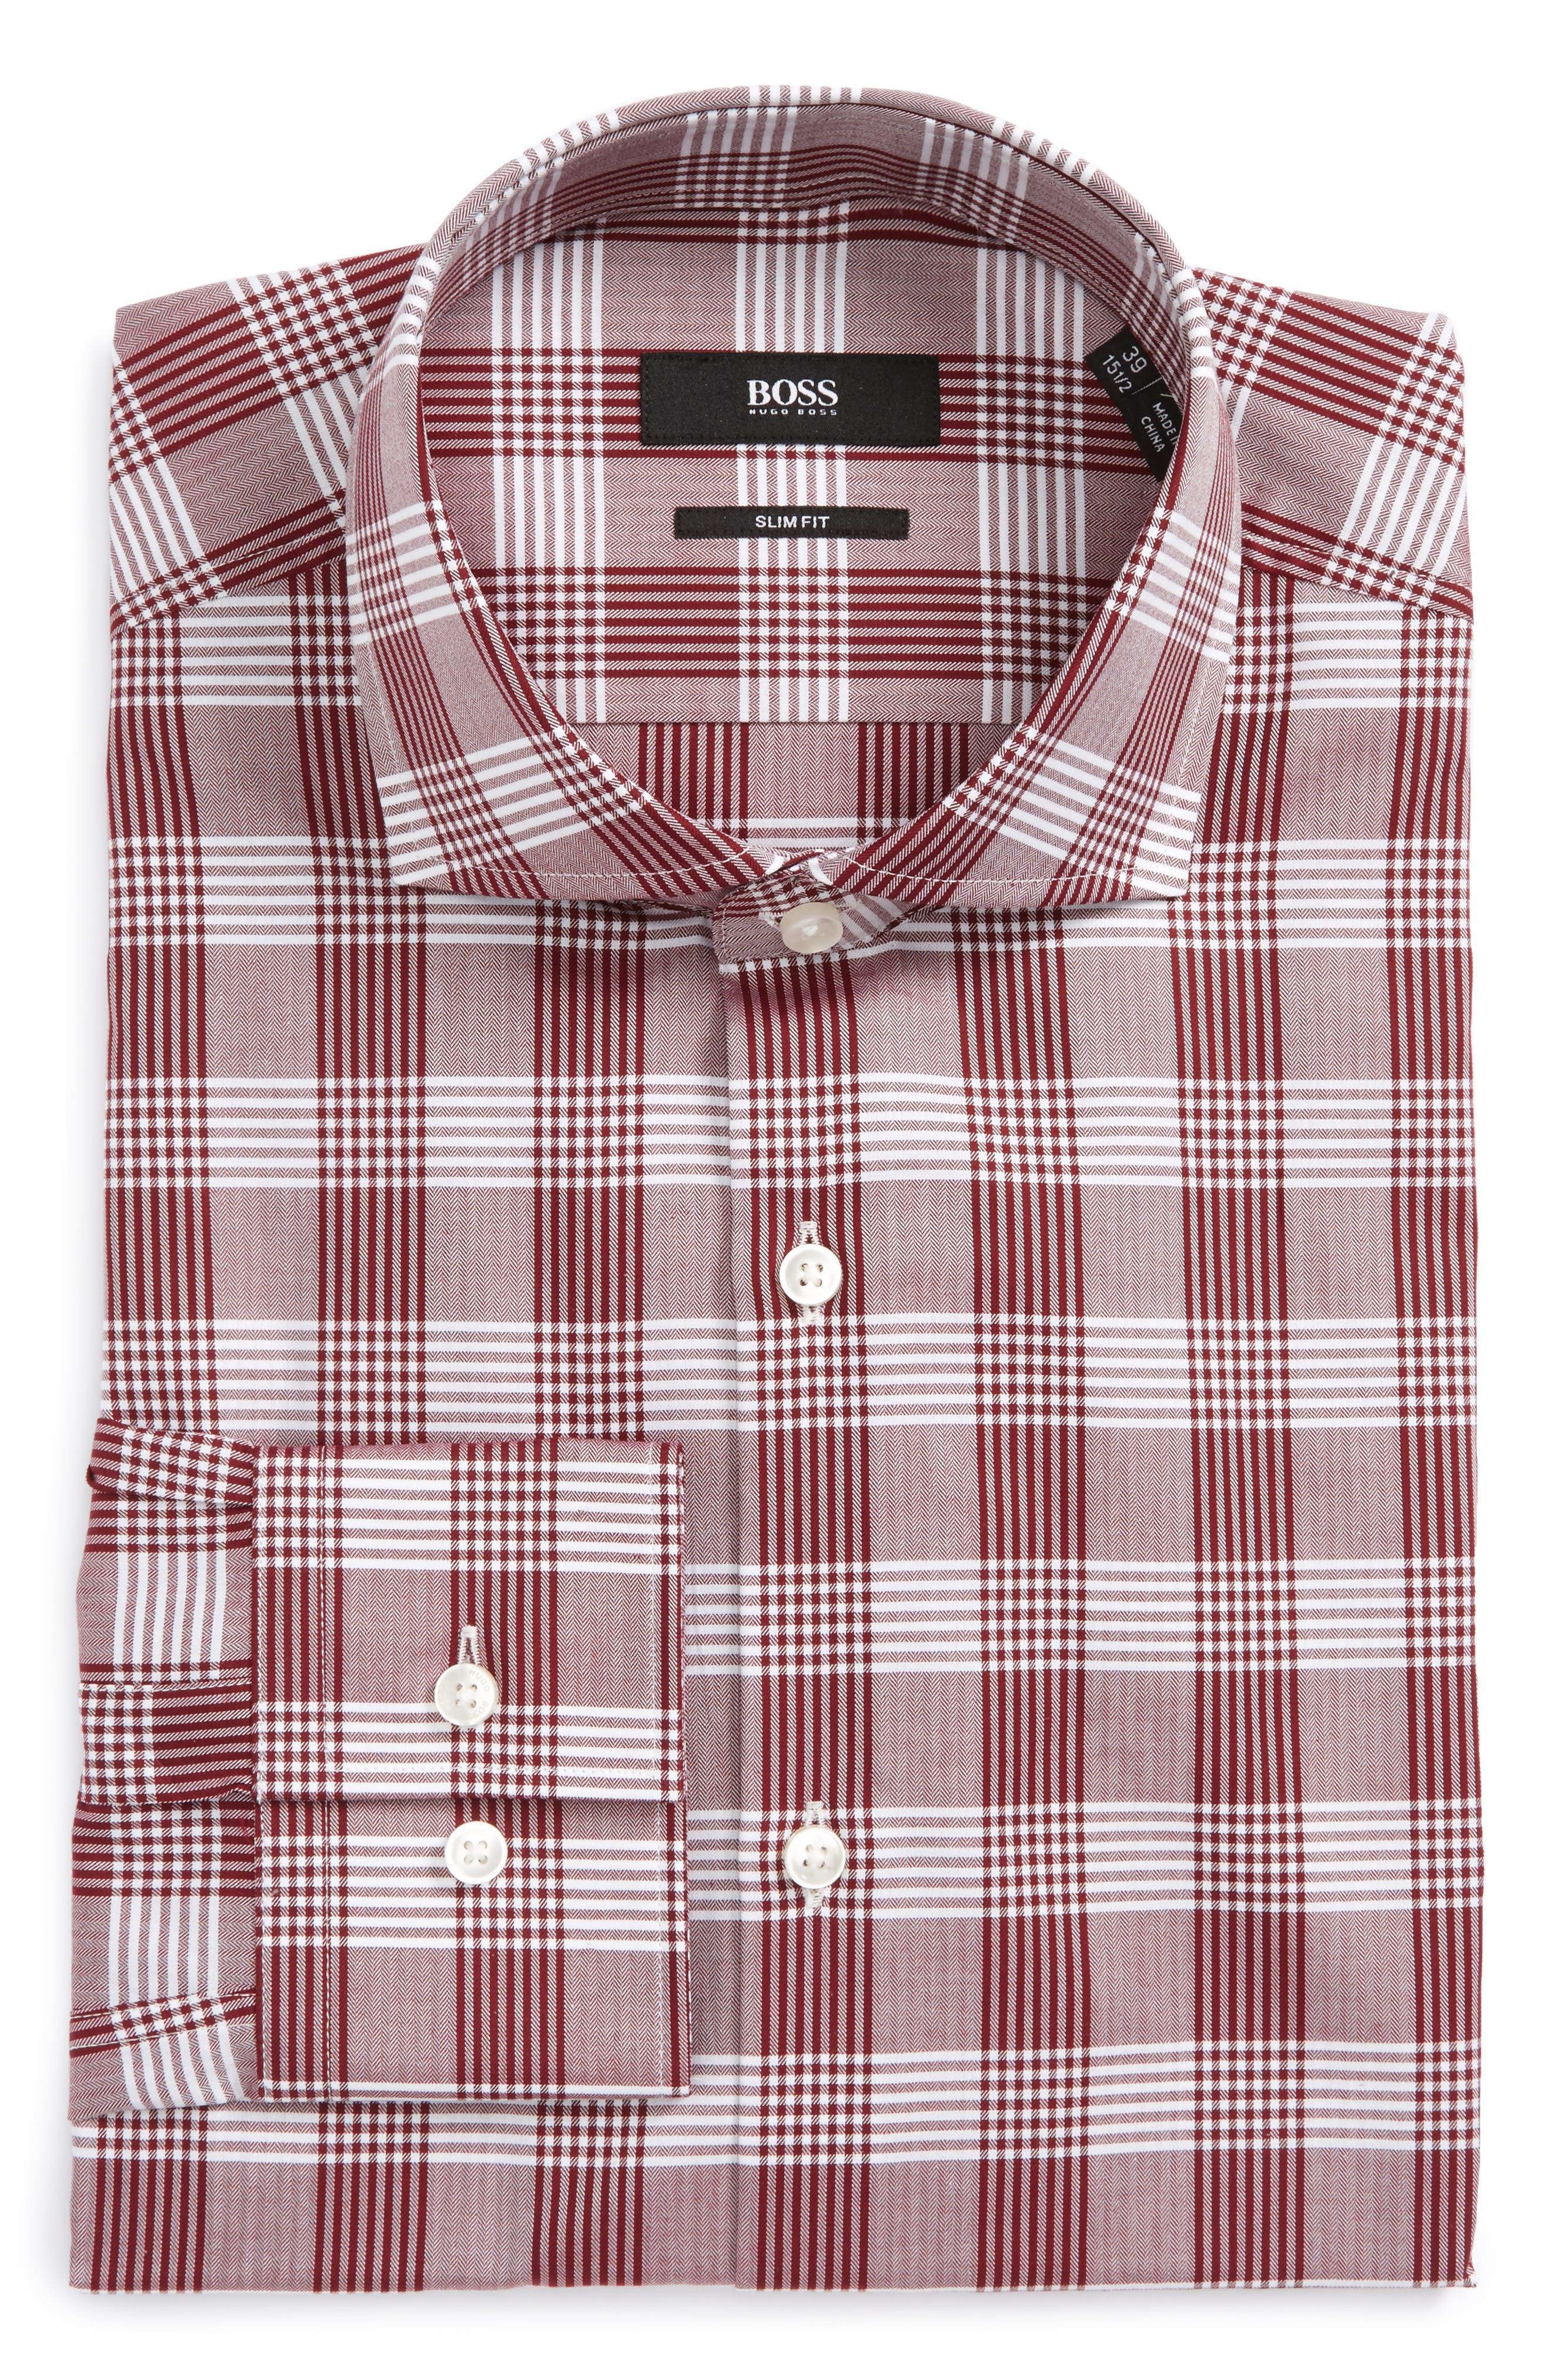 Main Image - BOSS Jason Slim Fit Plaid Dress Shirt